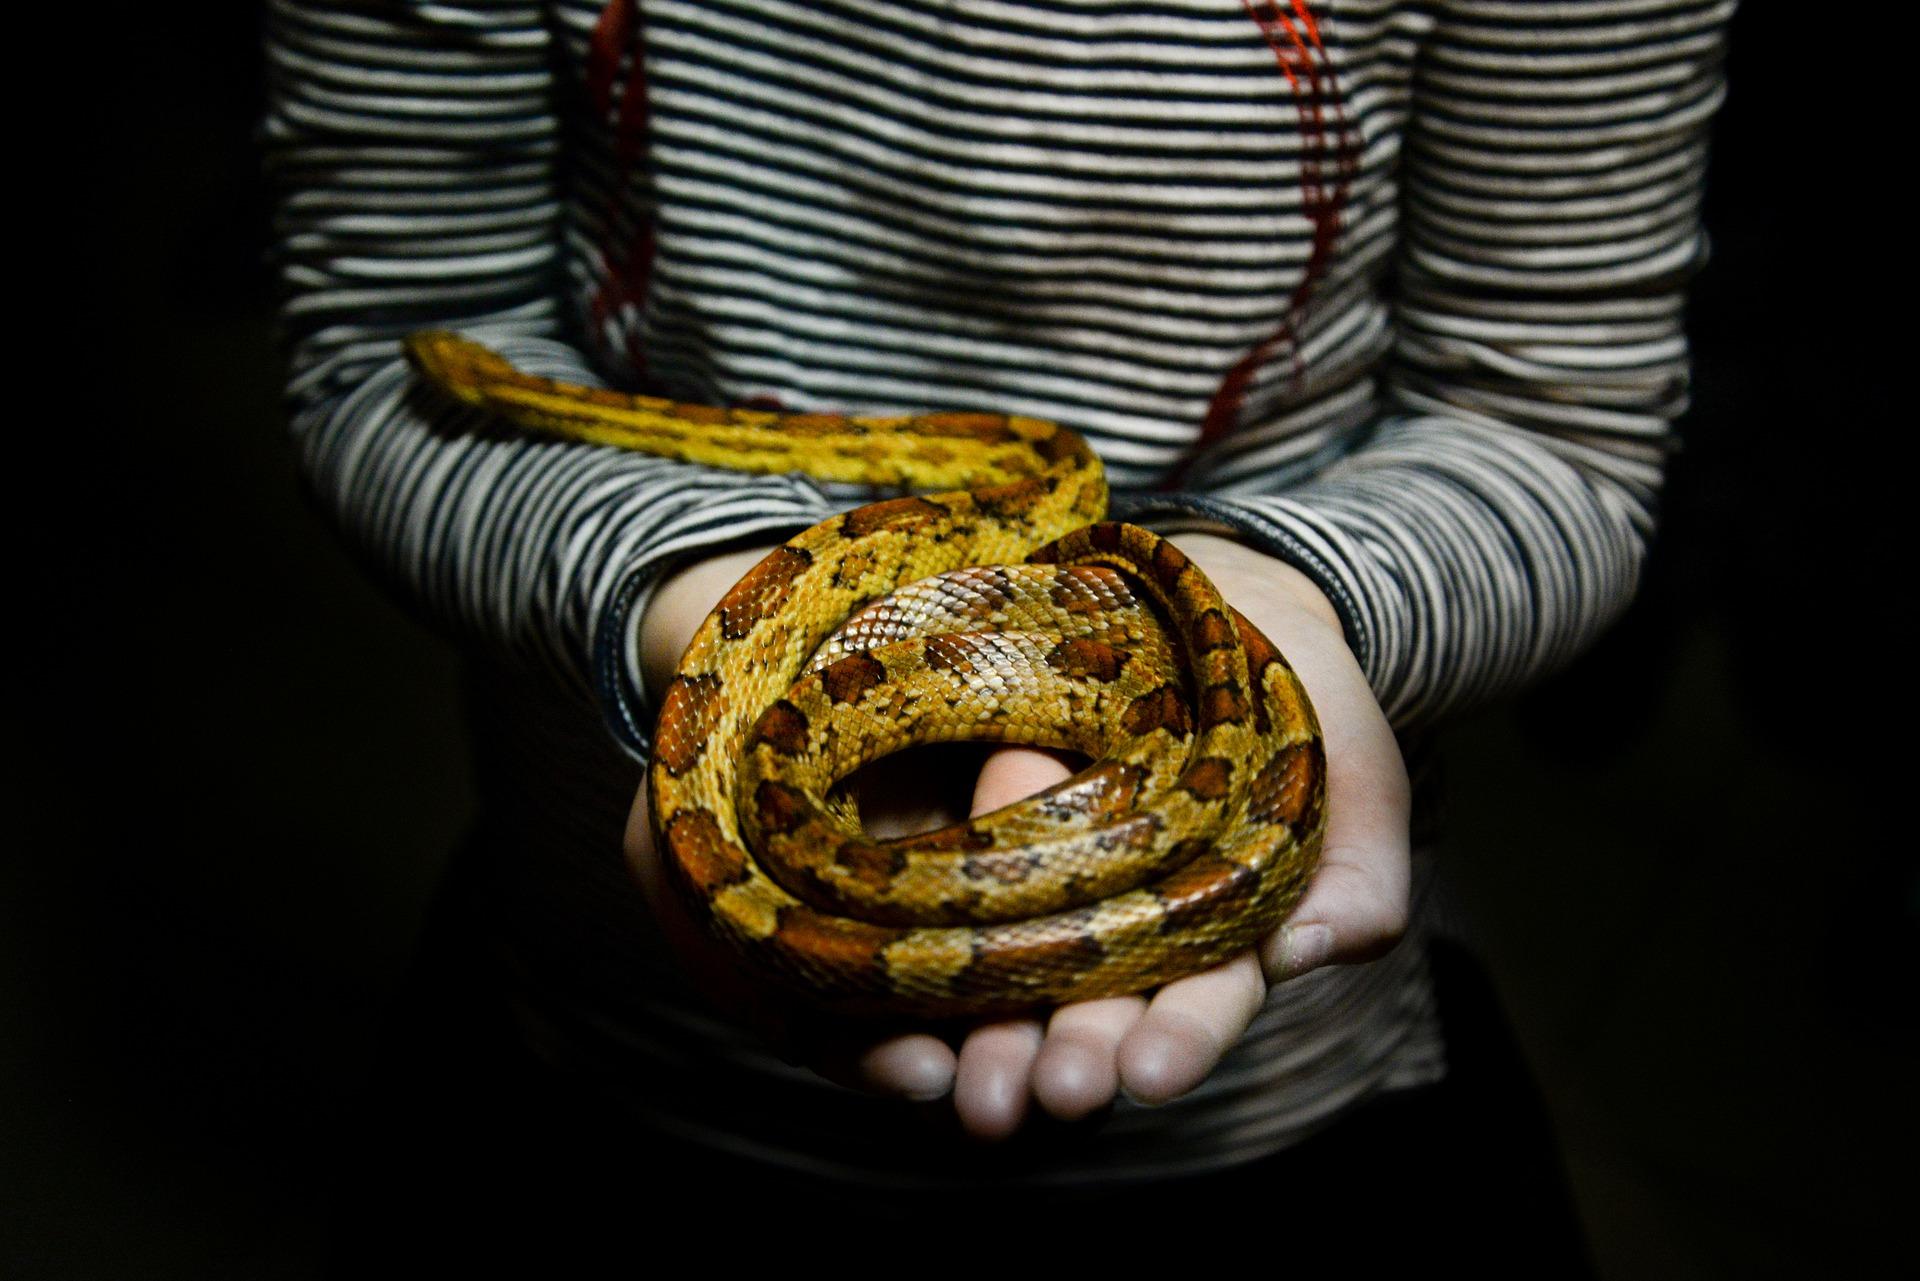 snake-3064737_1920